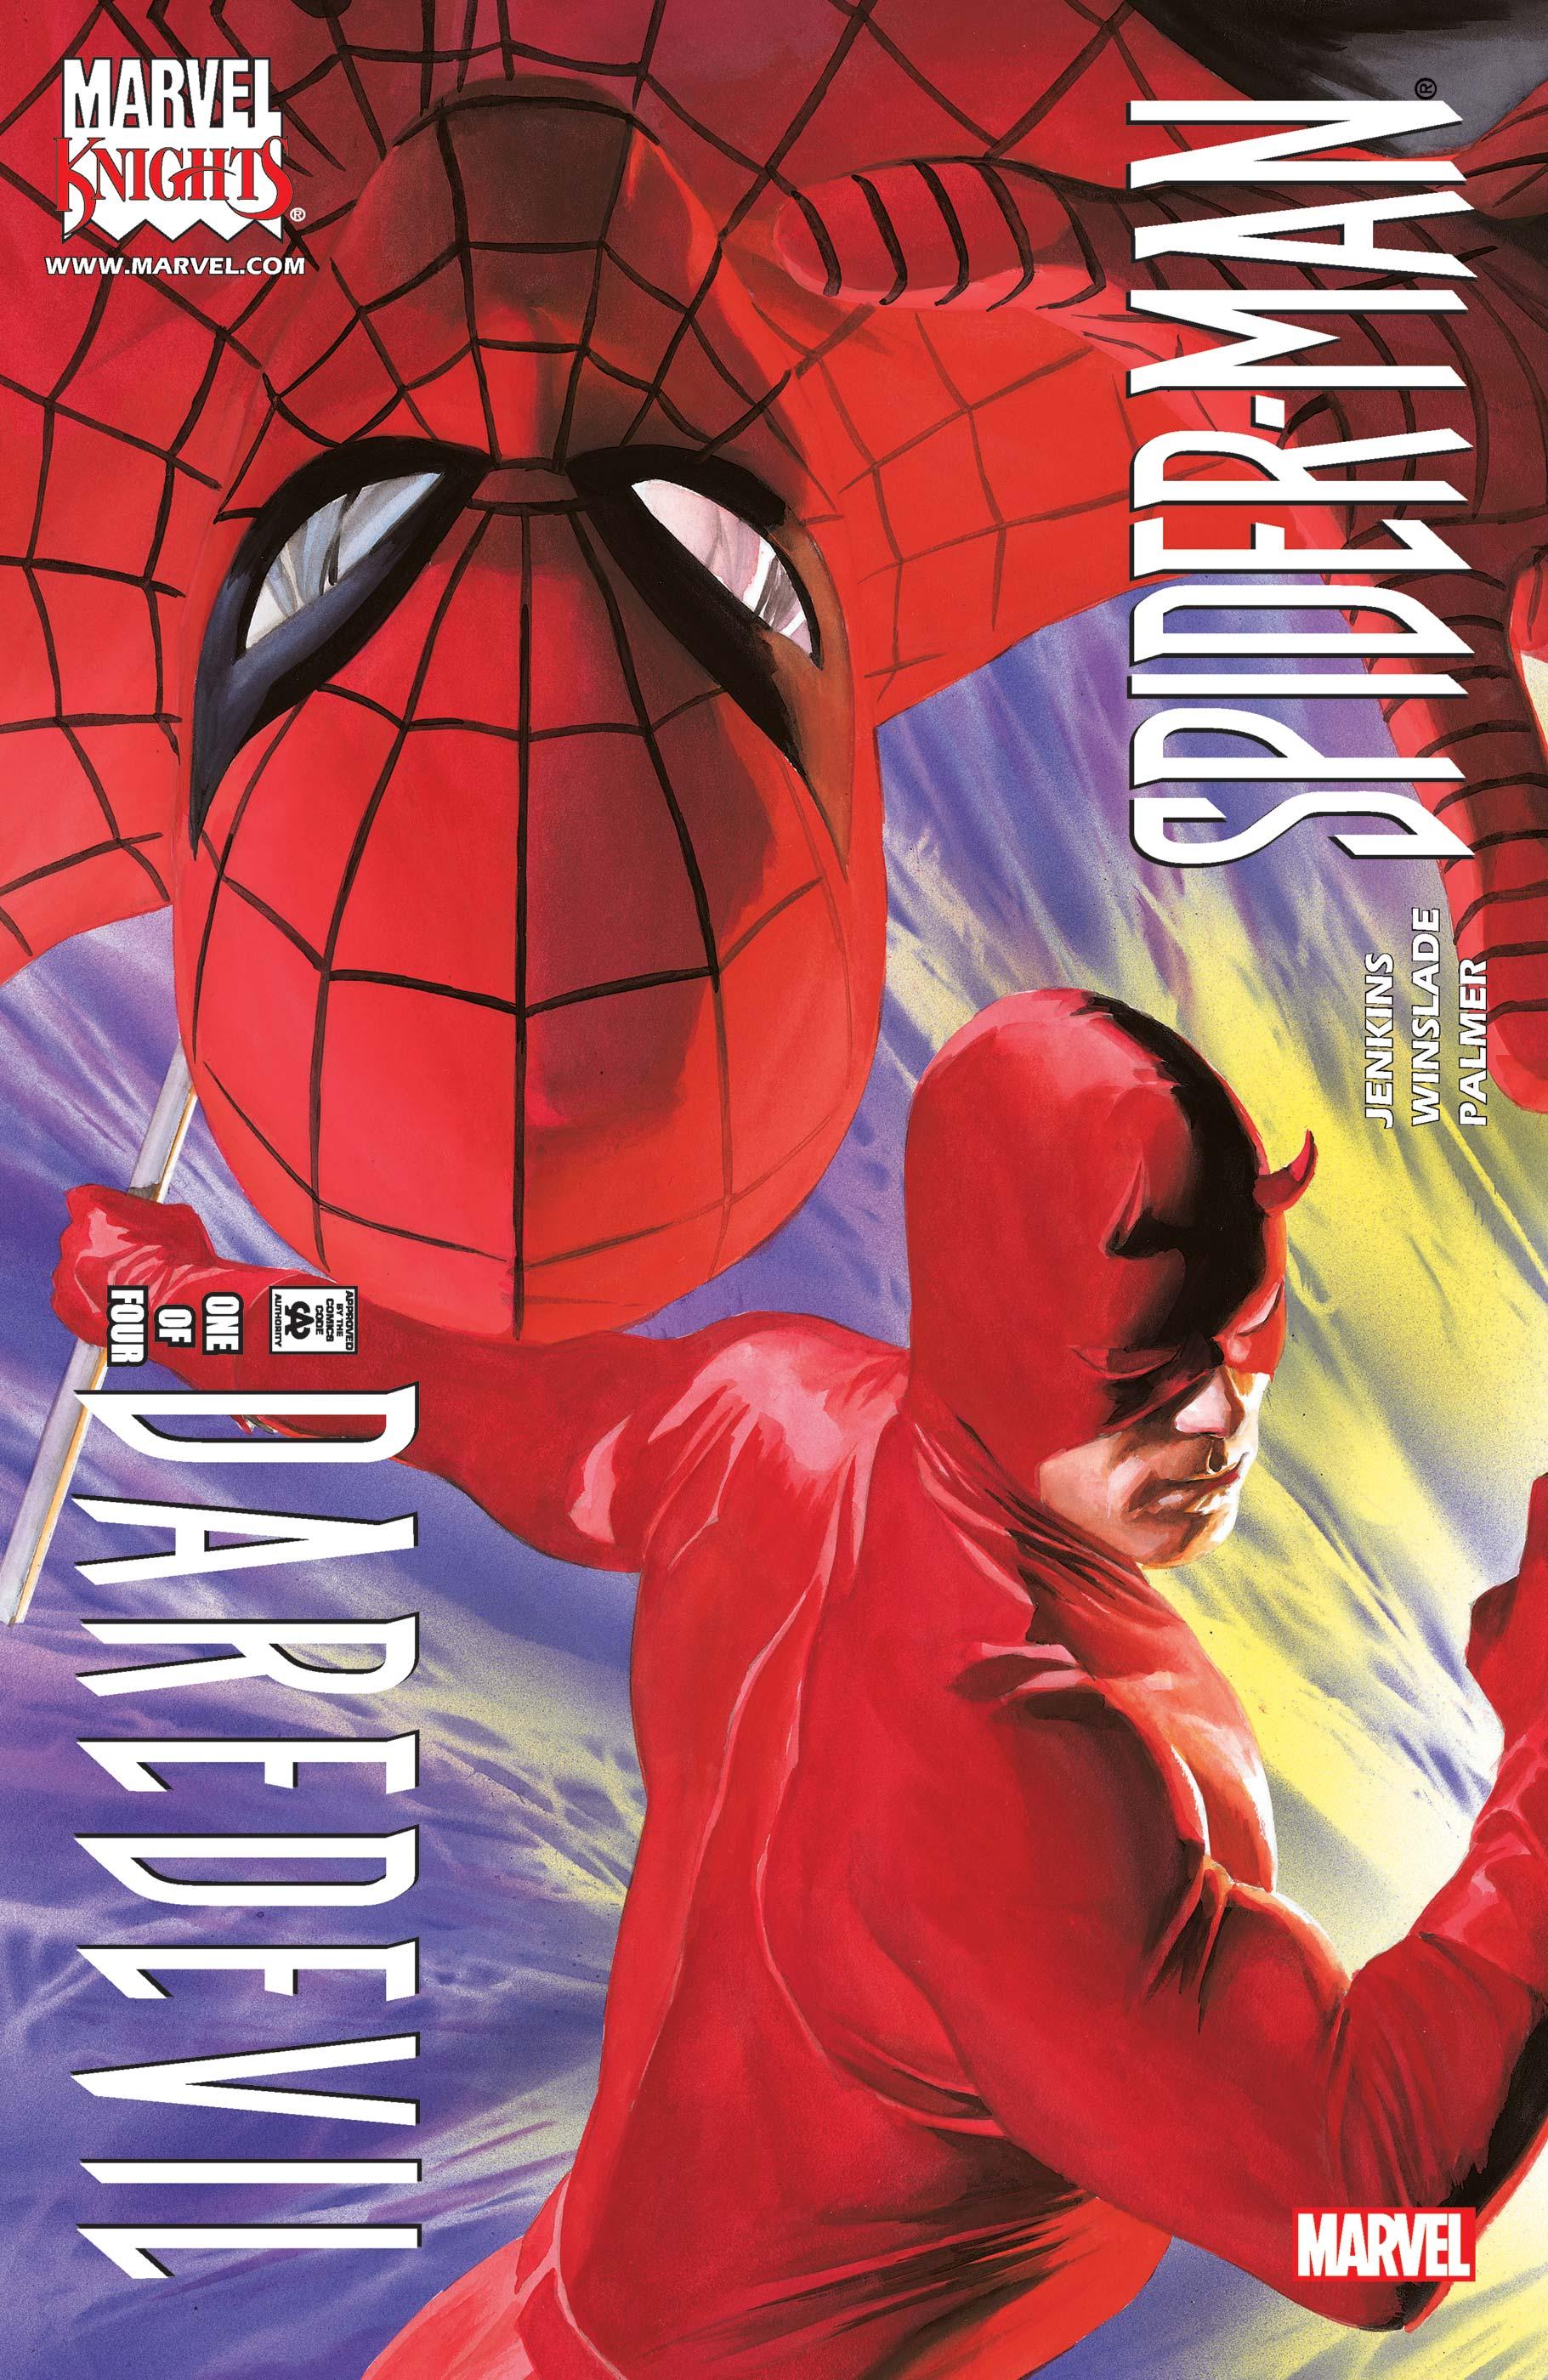 Daredevil/Spider-Man (2001) #1